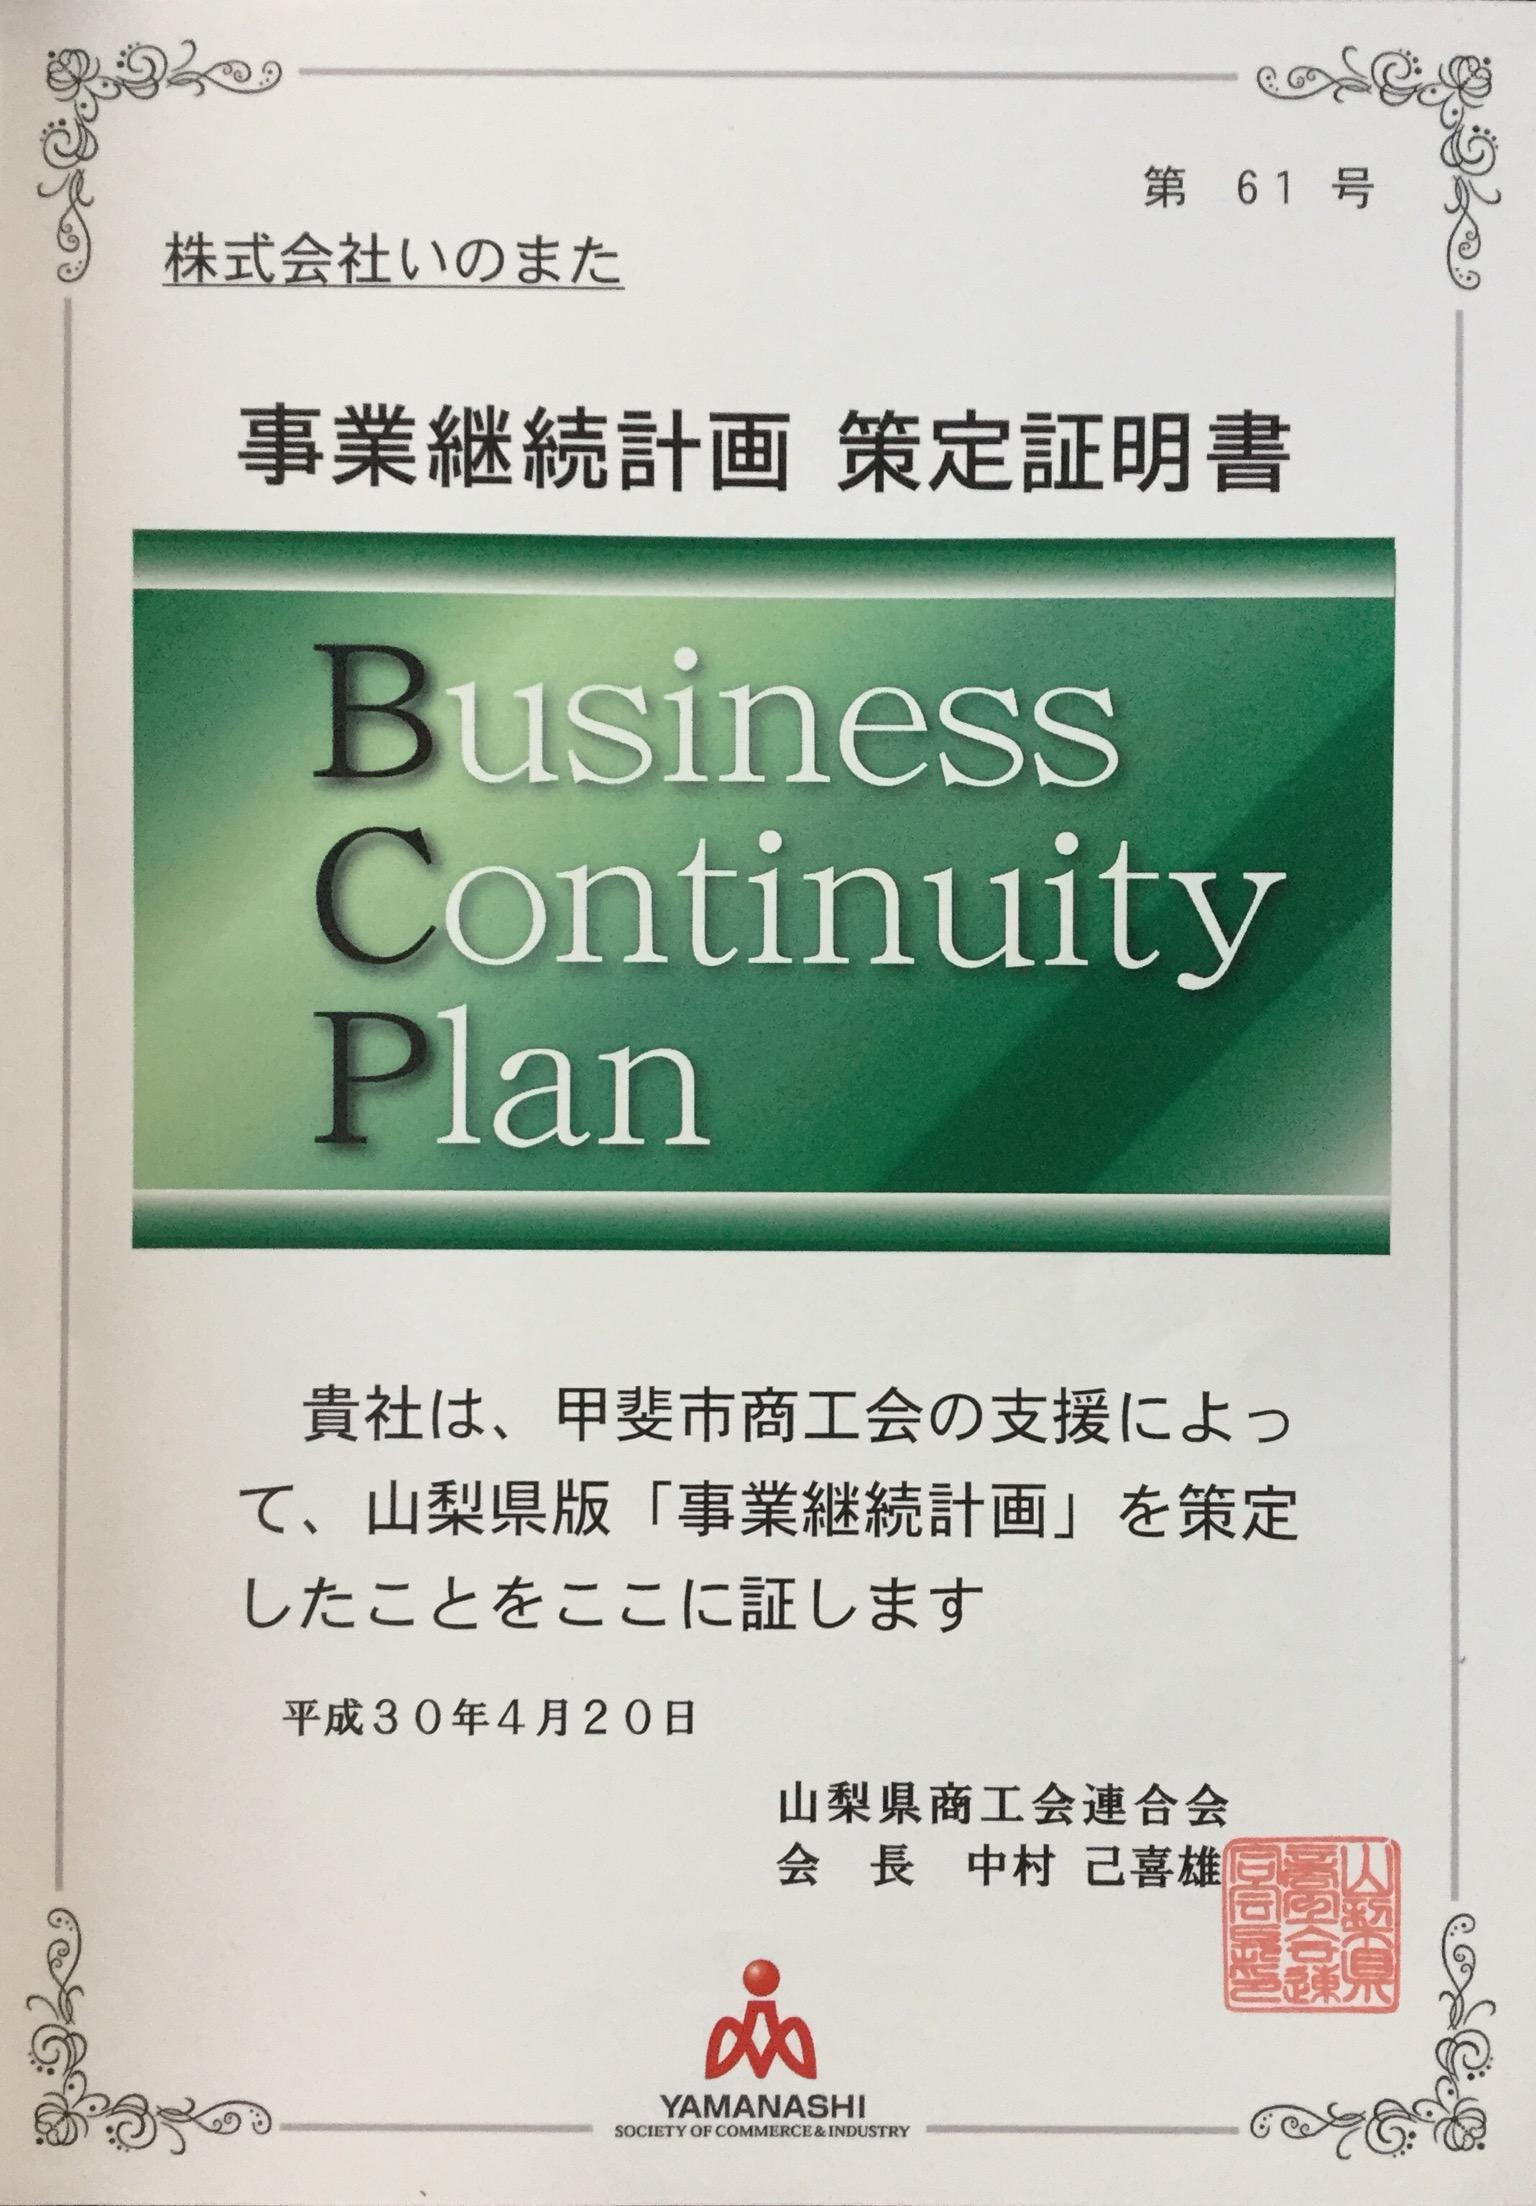 事業継続計画(BCP) 策定証明書